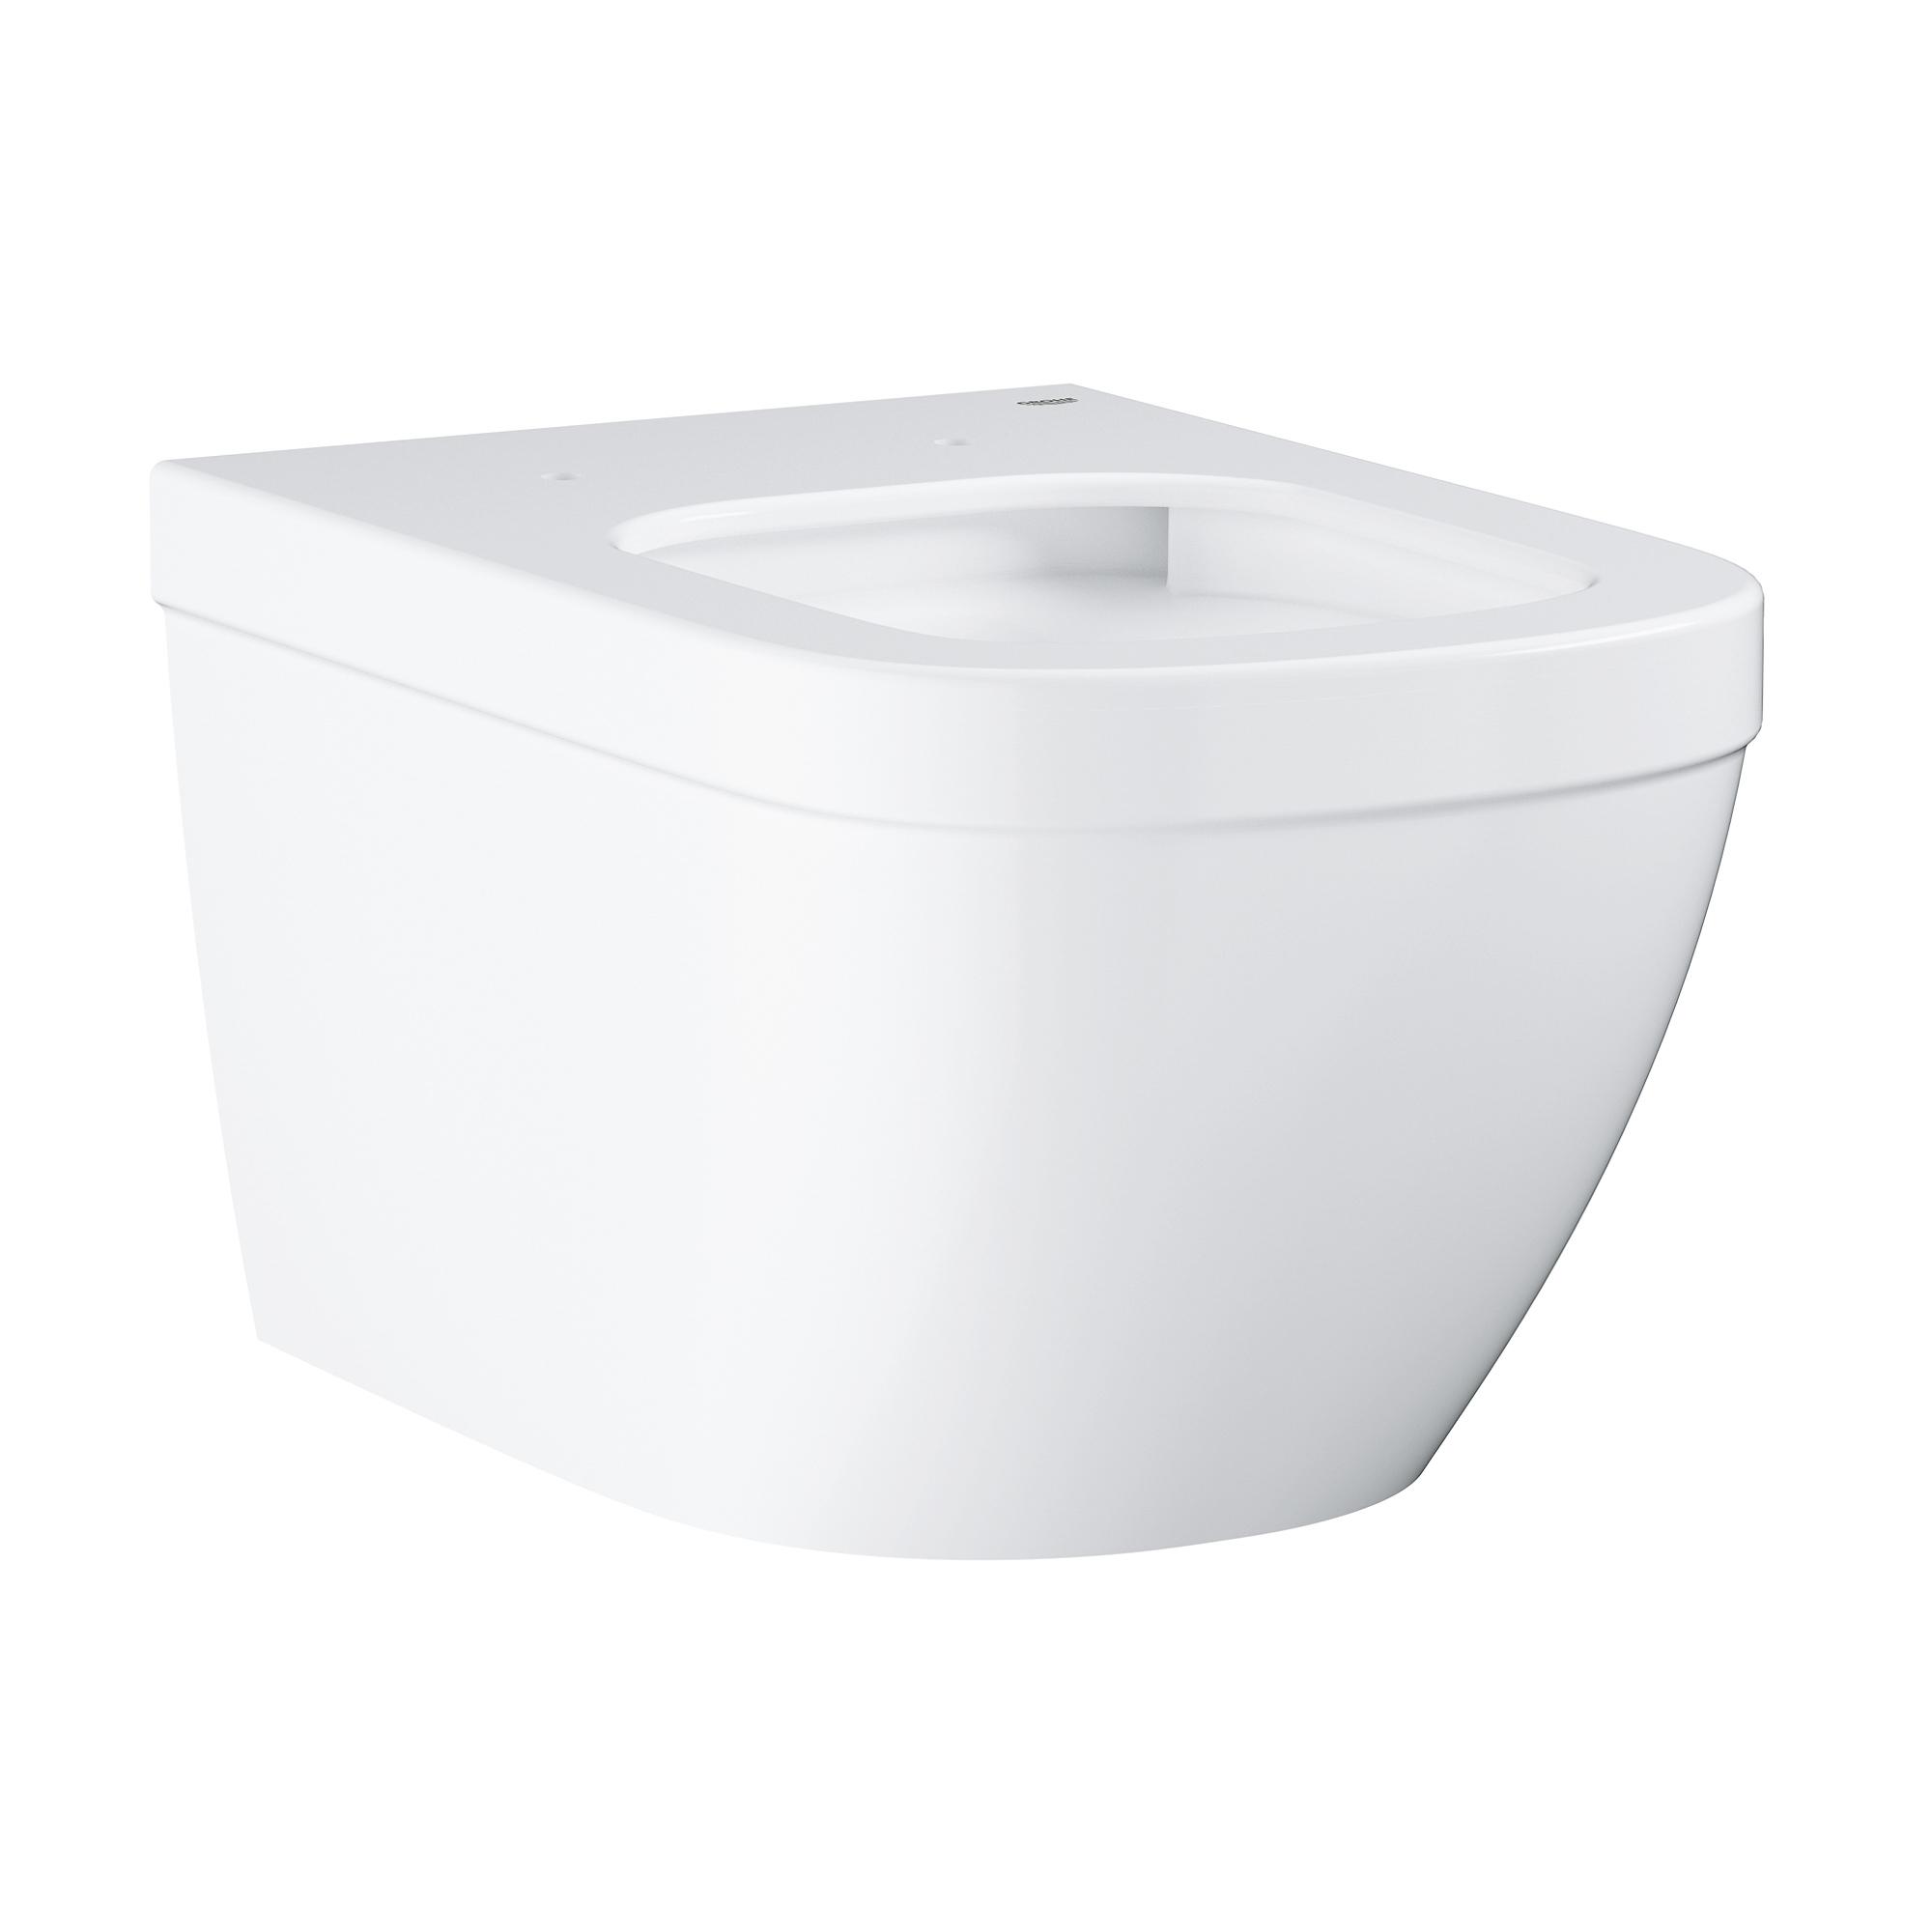 Купить Подвесной безободковый унитаз GROHE Euro Ceramic (без сиденья), альпин-белый (39328000), Унитазы подвесные, Вьетнам, сантехнический фарфор